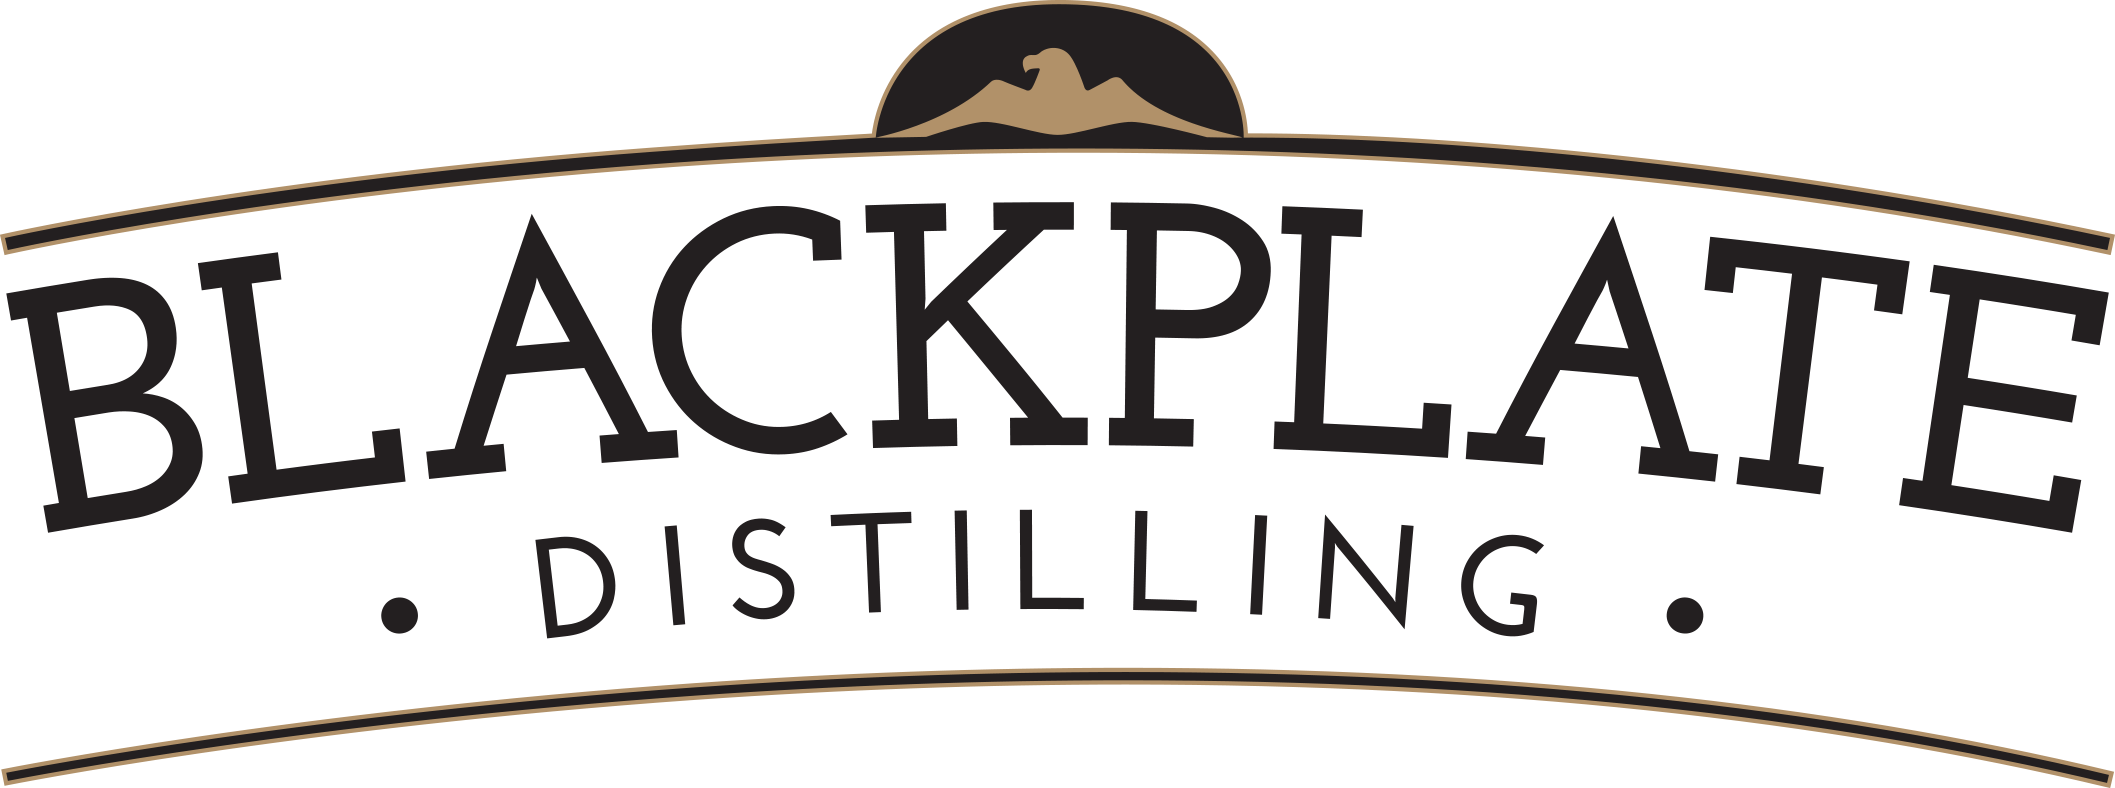 Blackplate Distilling